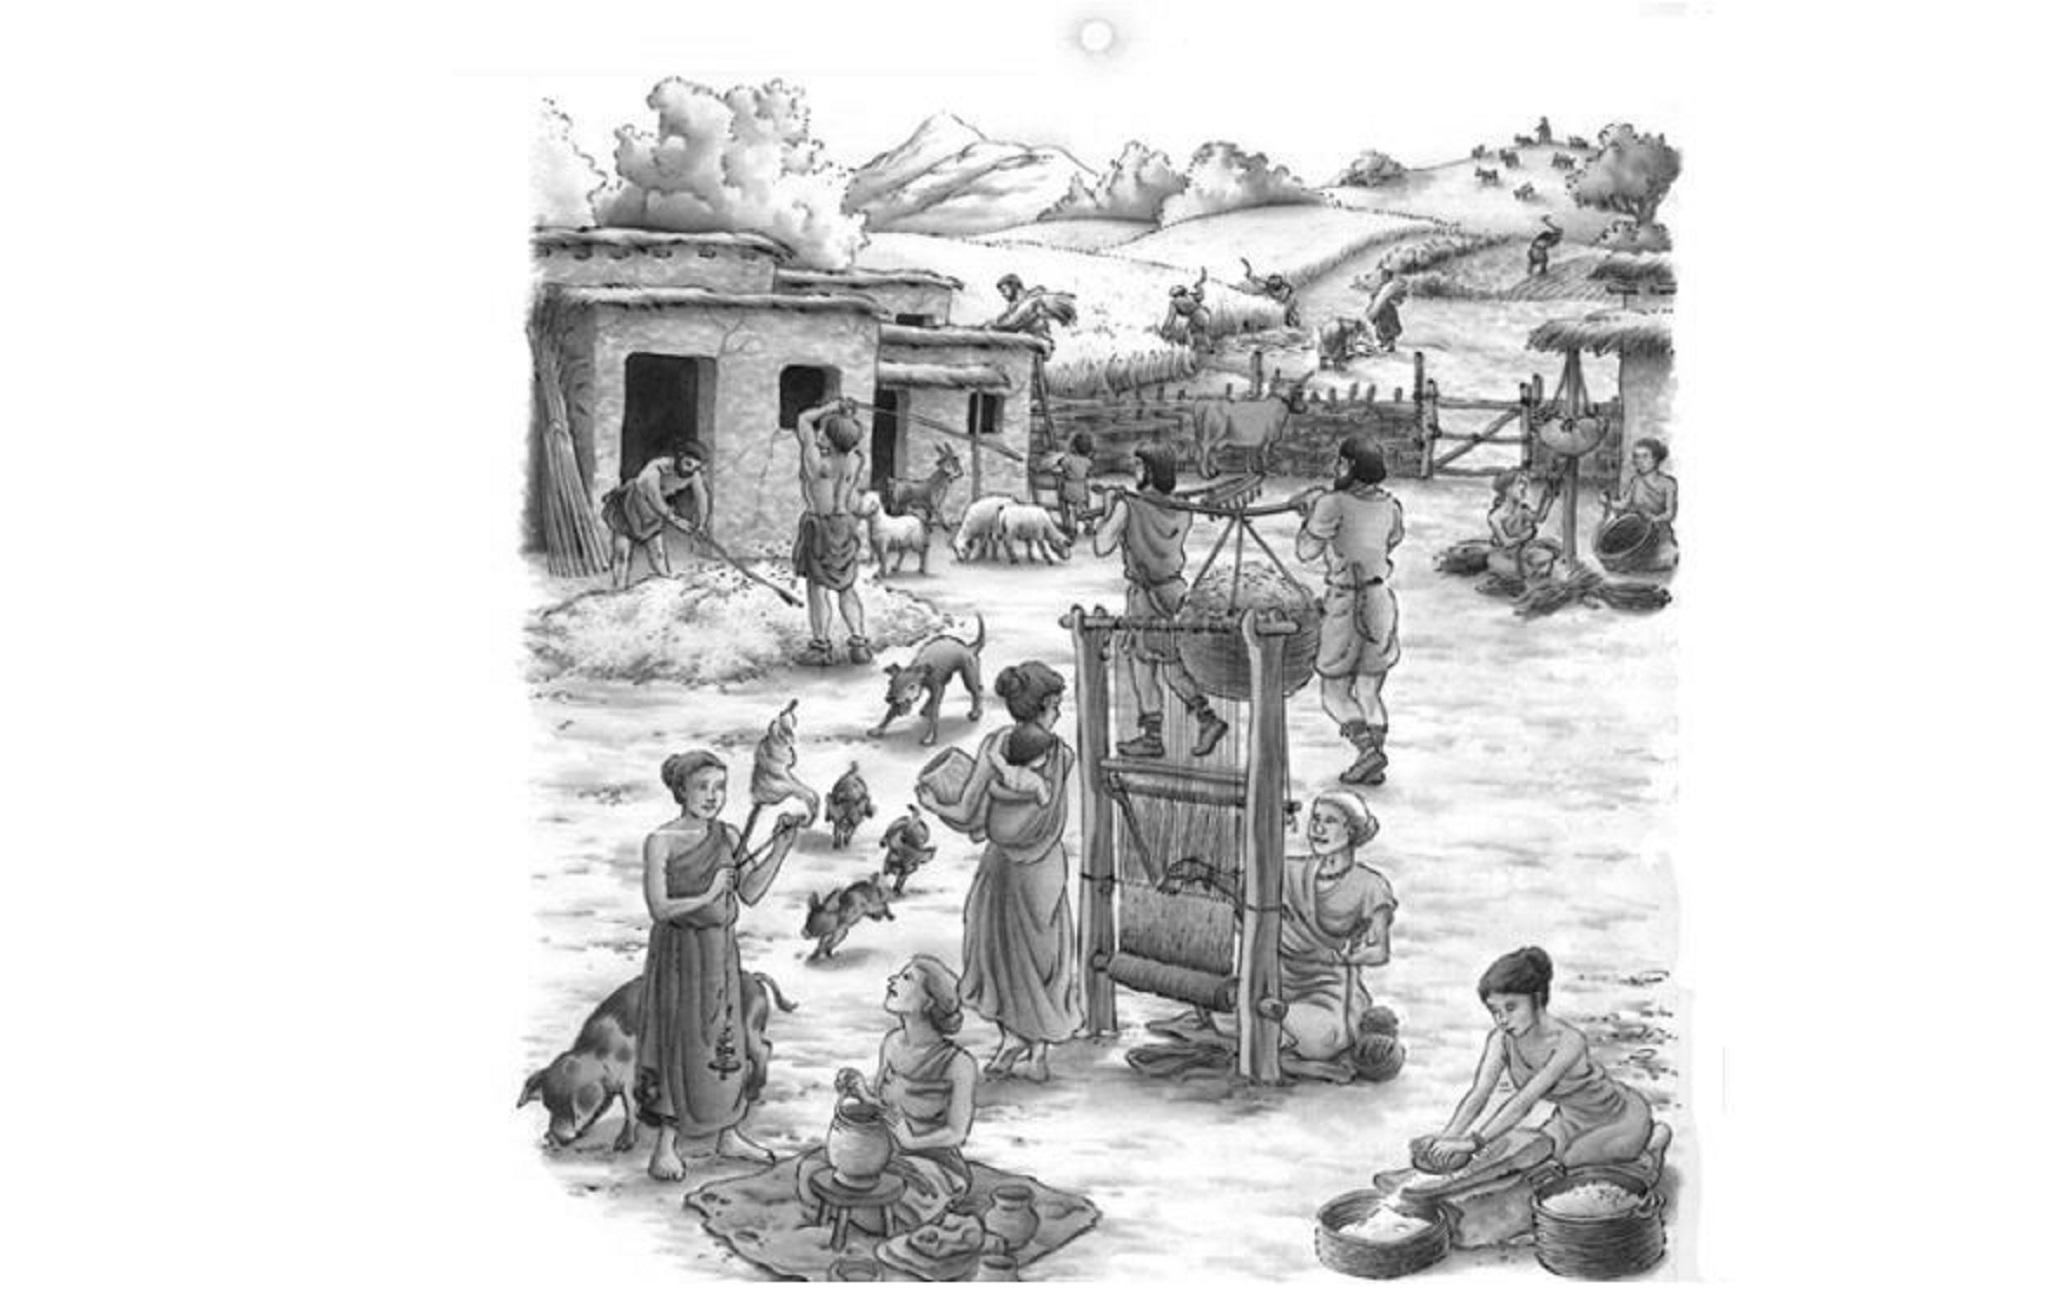 Trabajando en las Reales salinas desde la Edad de Broce,  4500 años extrayendo sal!!!